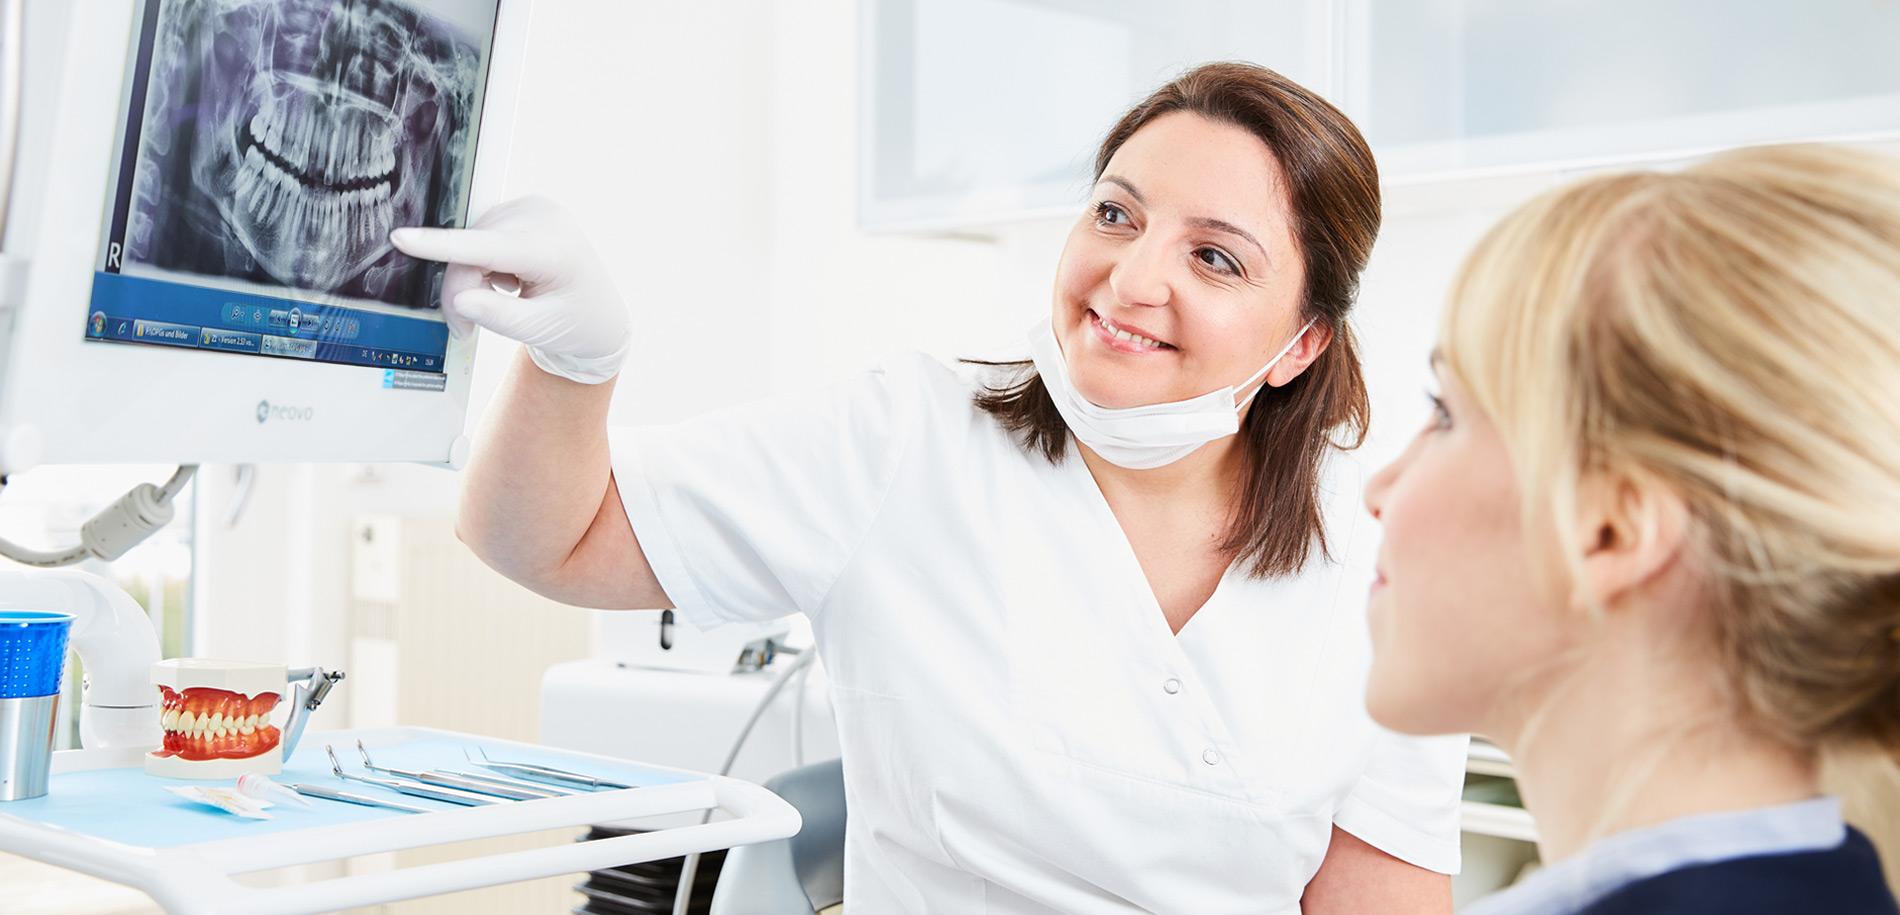 Zahnarztpraxis  Zahnrhein in Walluf - Parodontitisbehandlungen 1